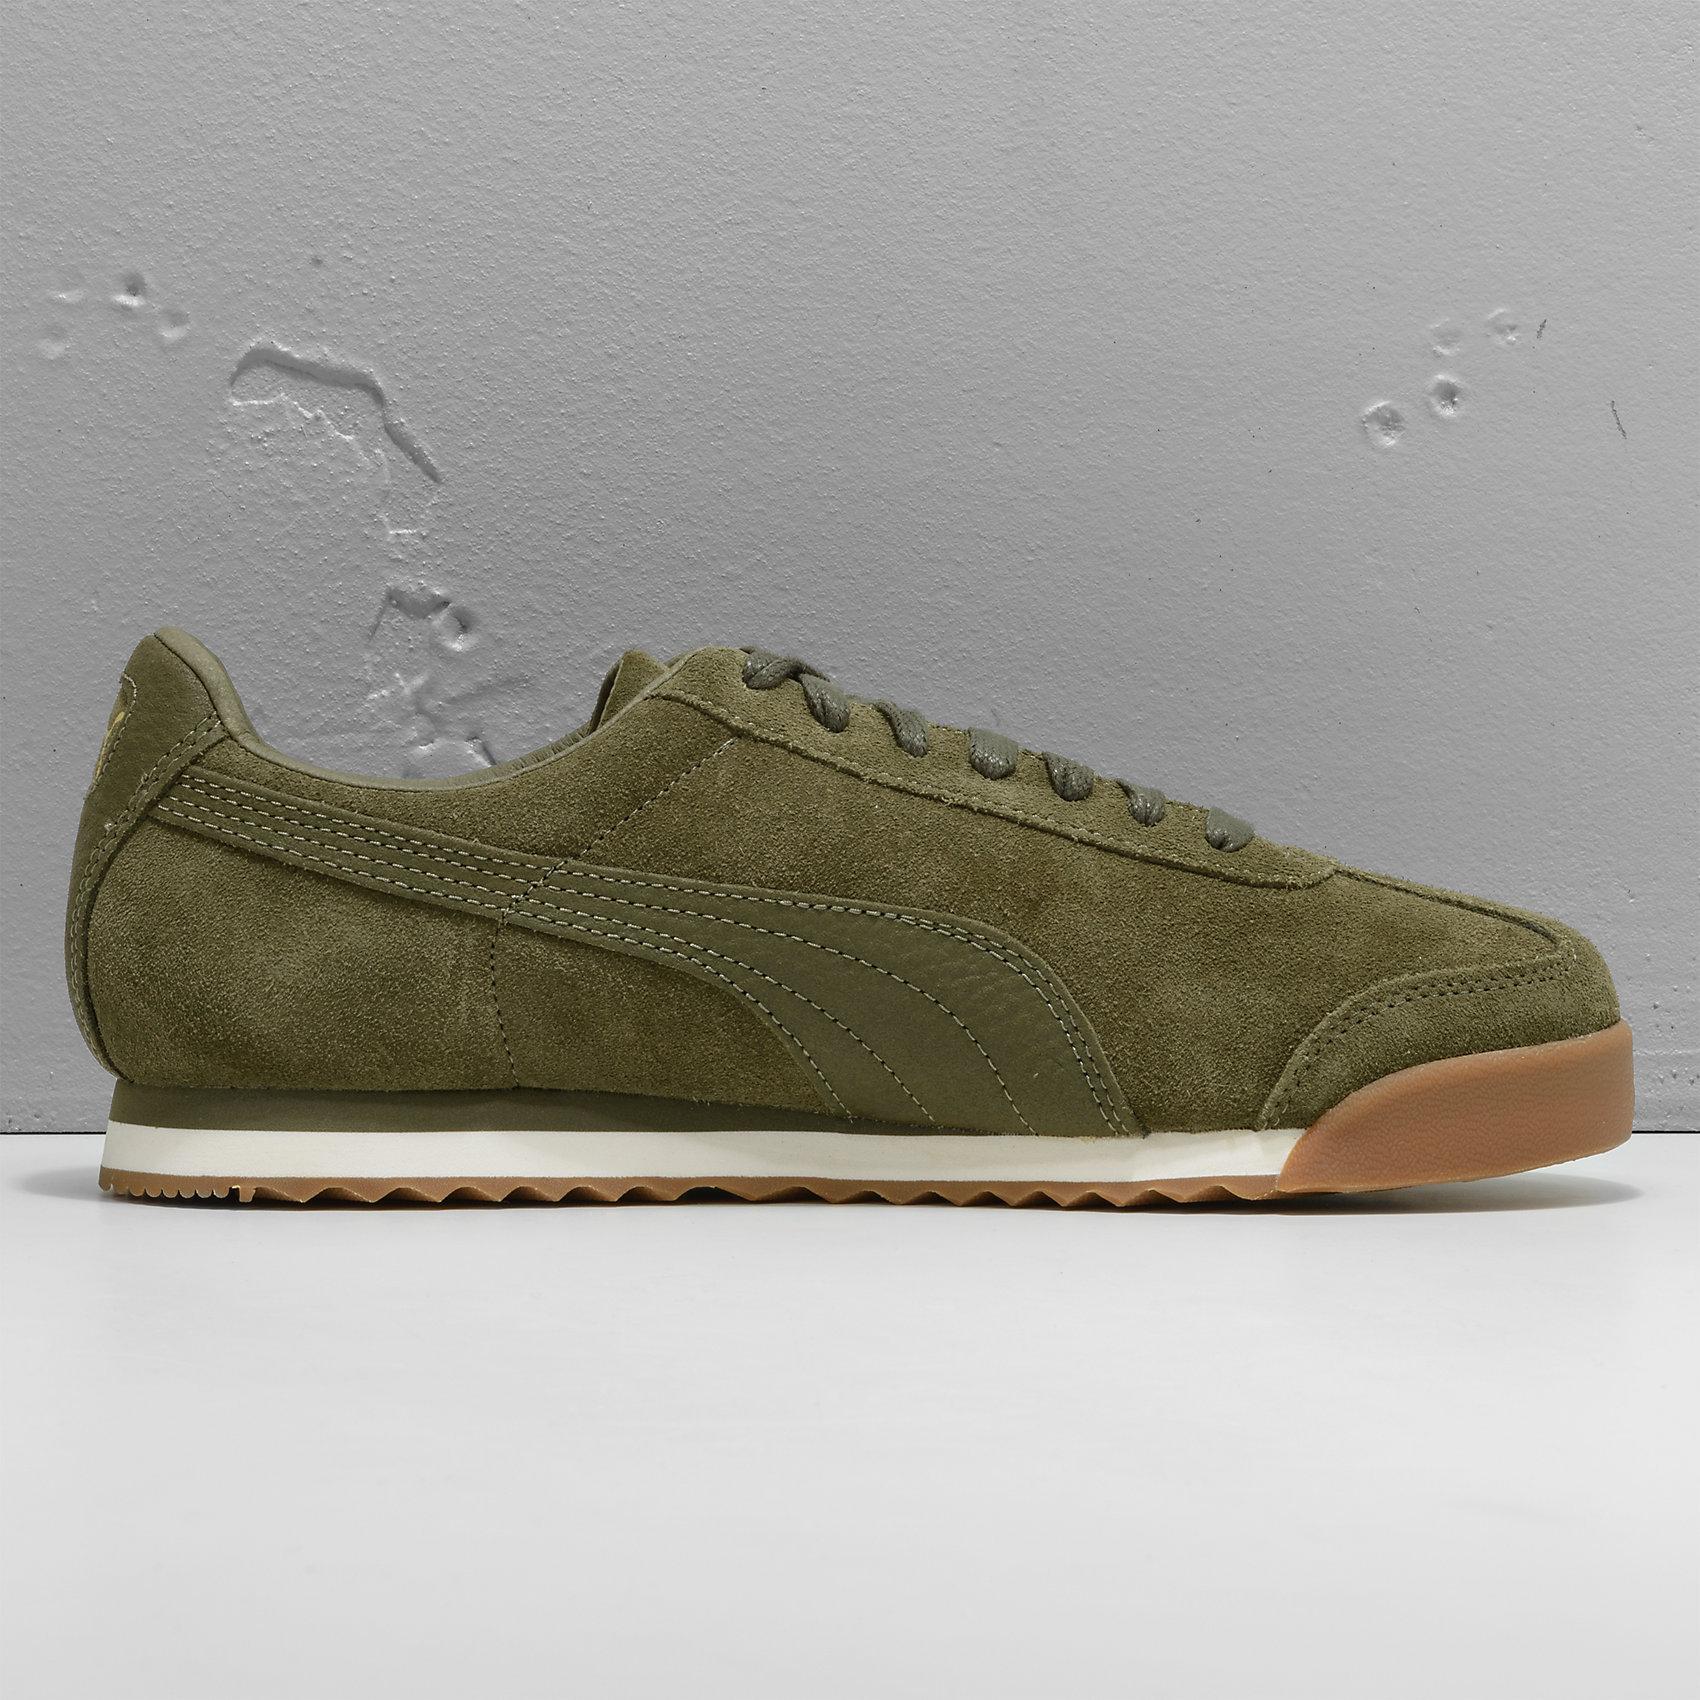 Neu PUMA Roma Natural Warmth Sneakers grün 5776083 für Herren schwarz grün Sneakers b04ee6